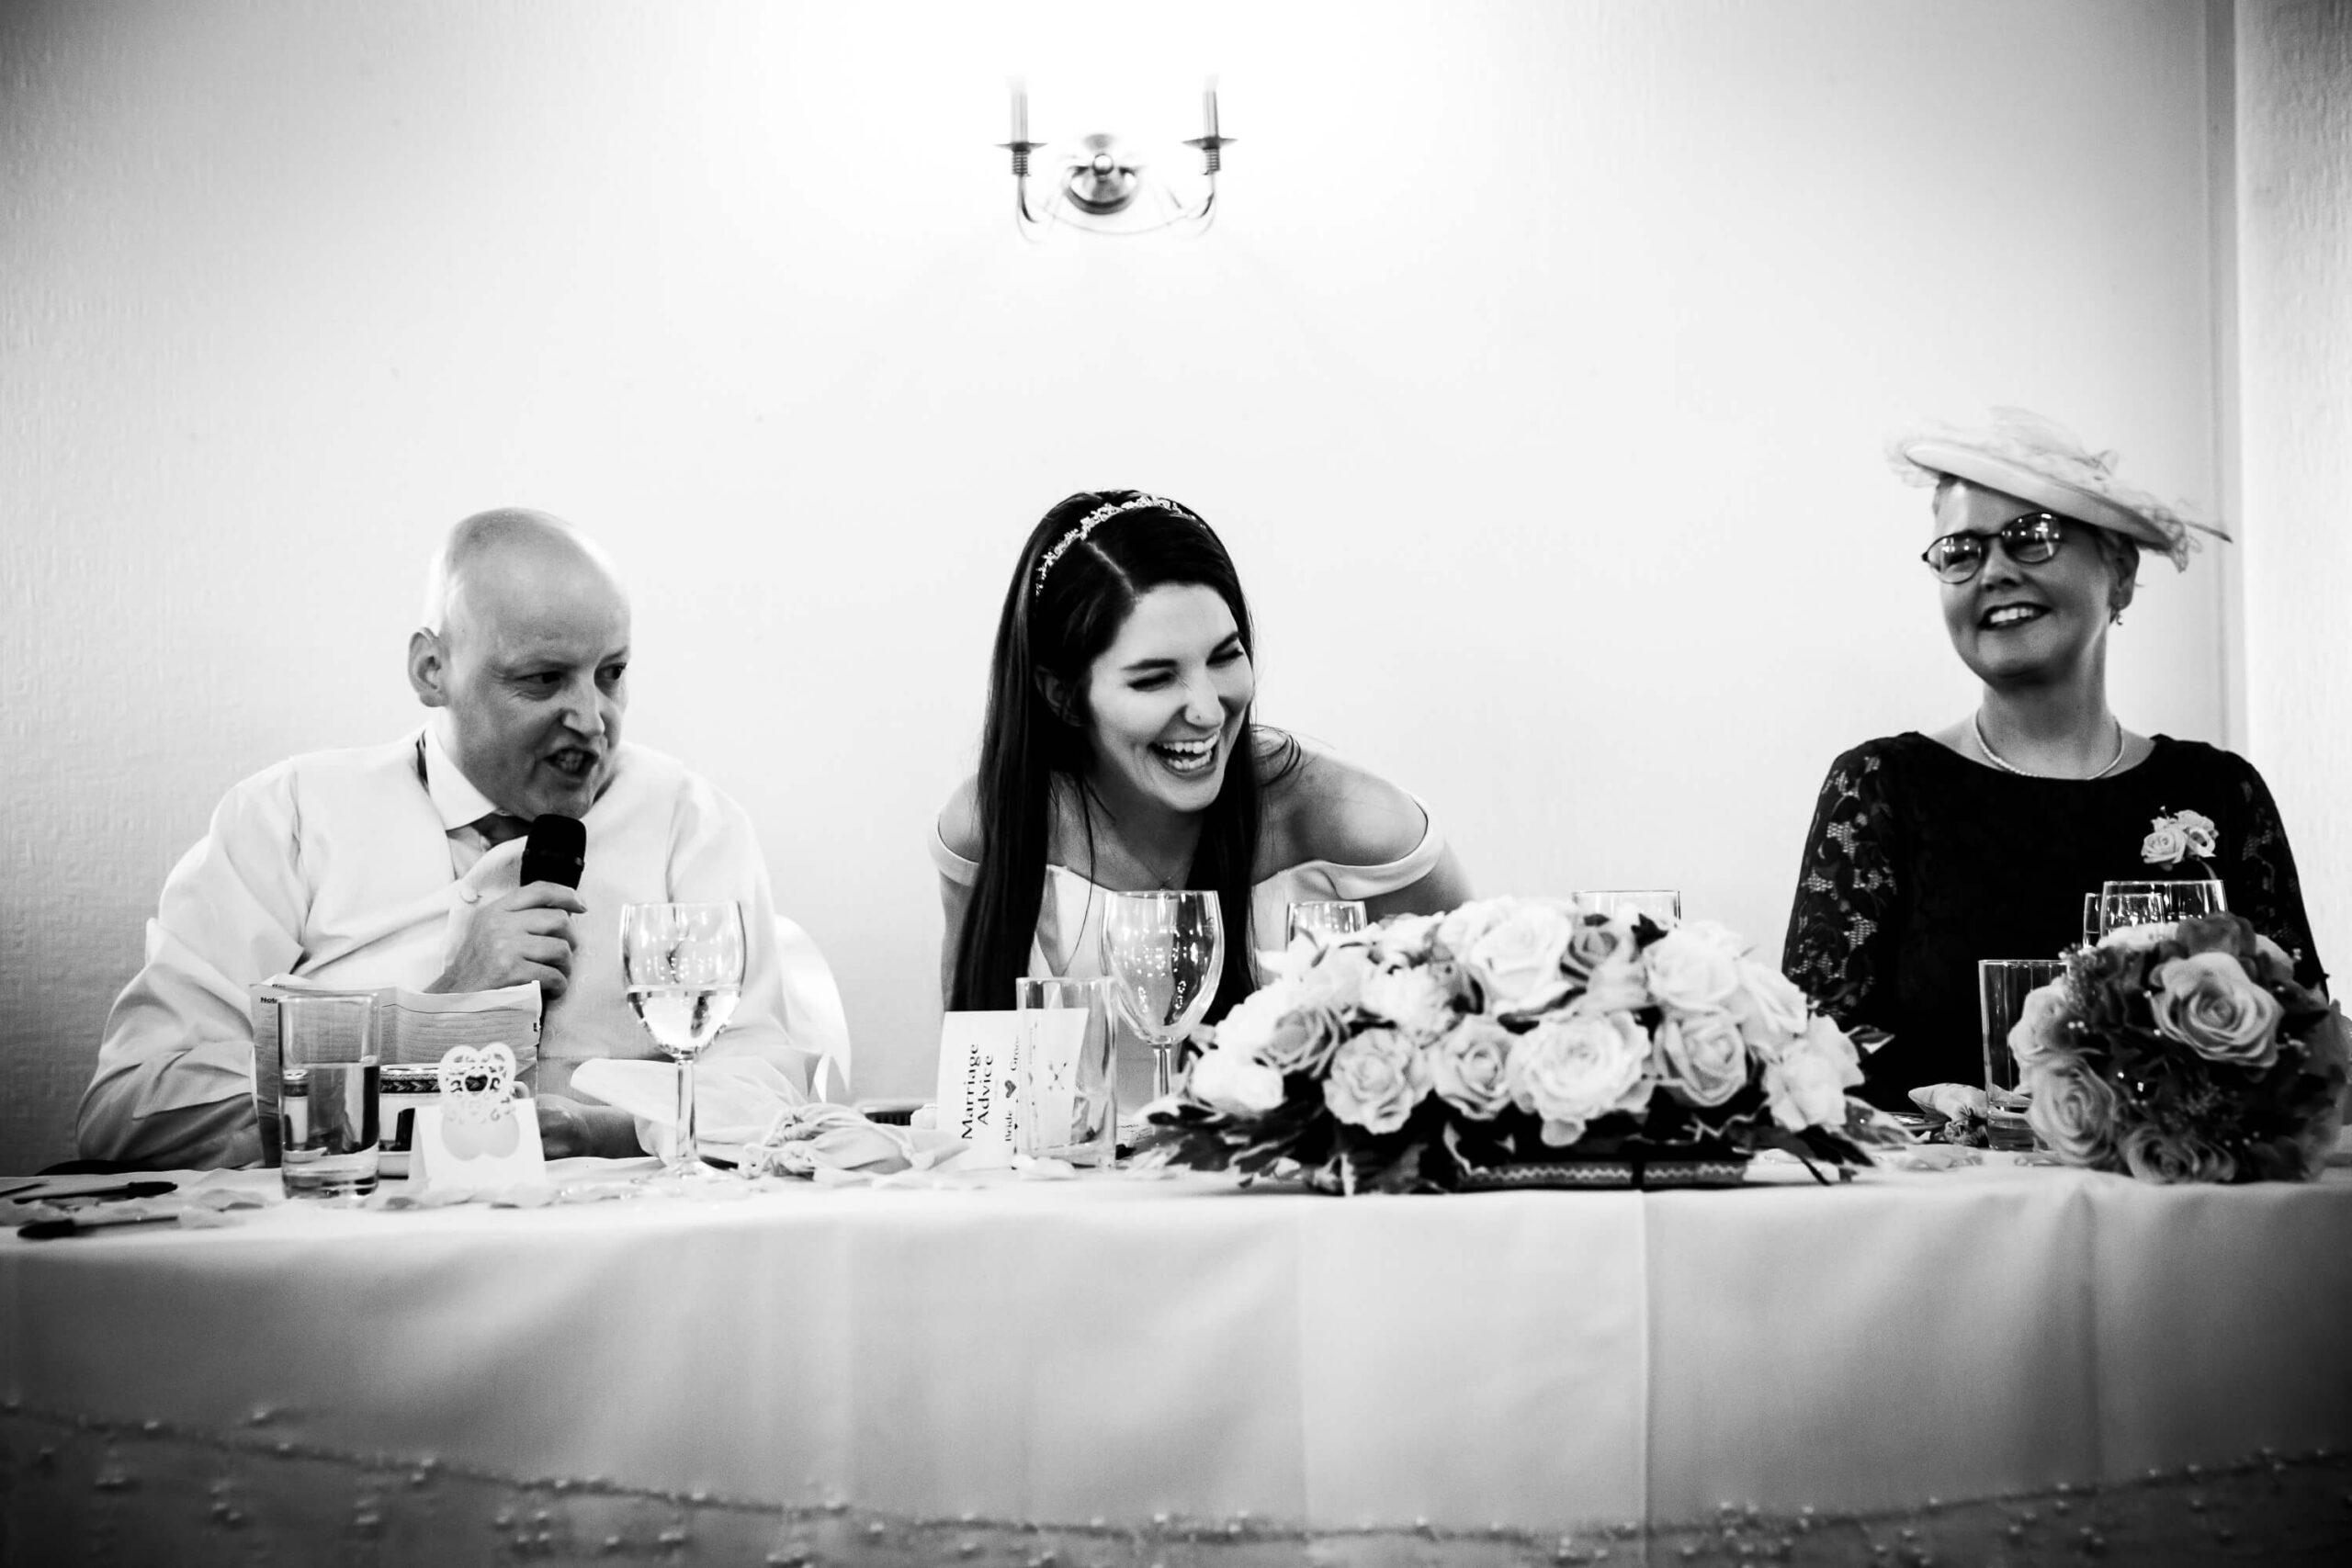 Groom's speech makes bride laugh out loud